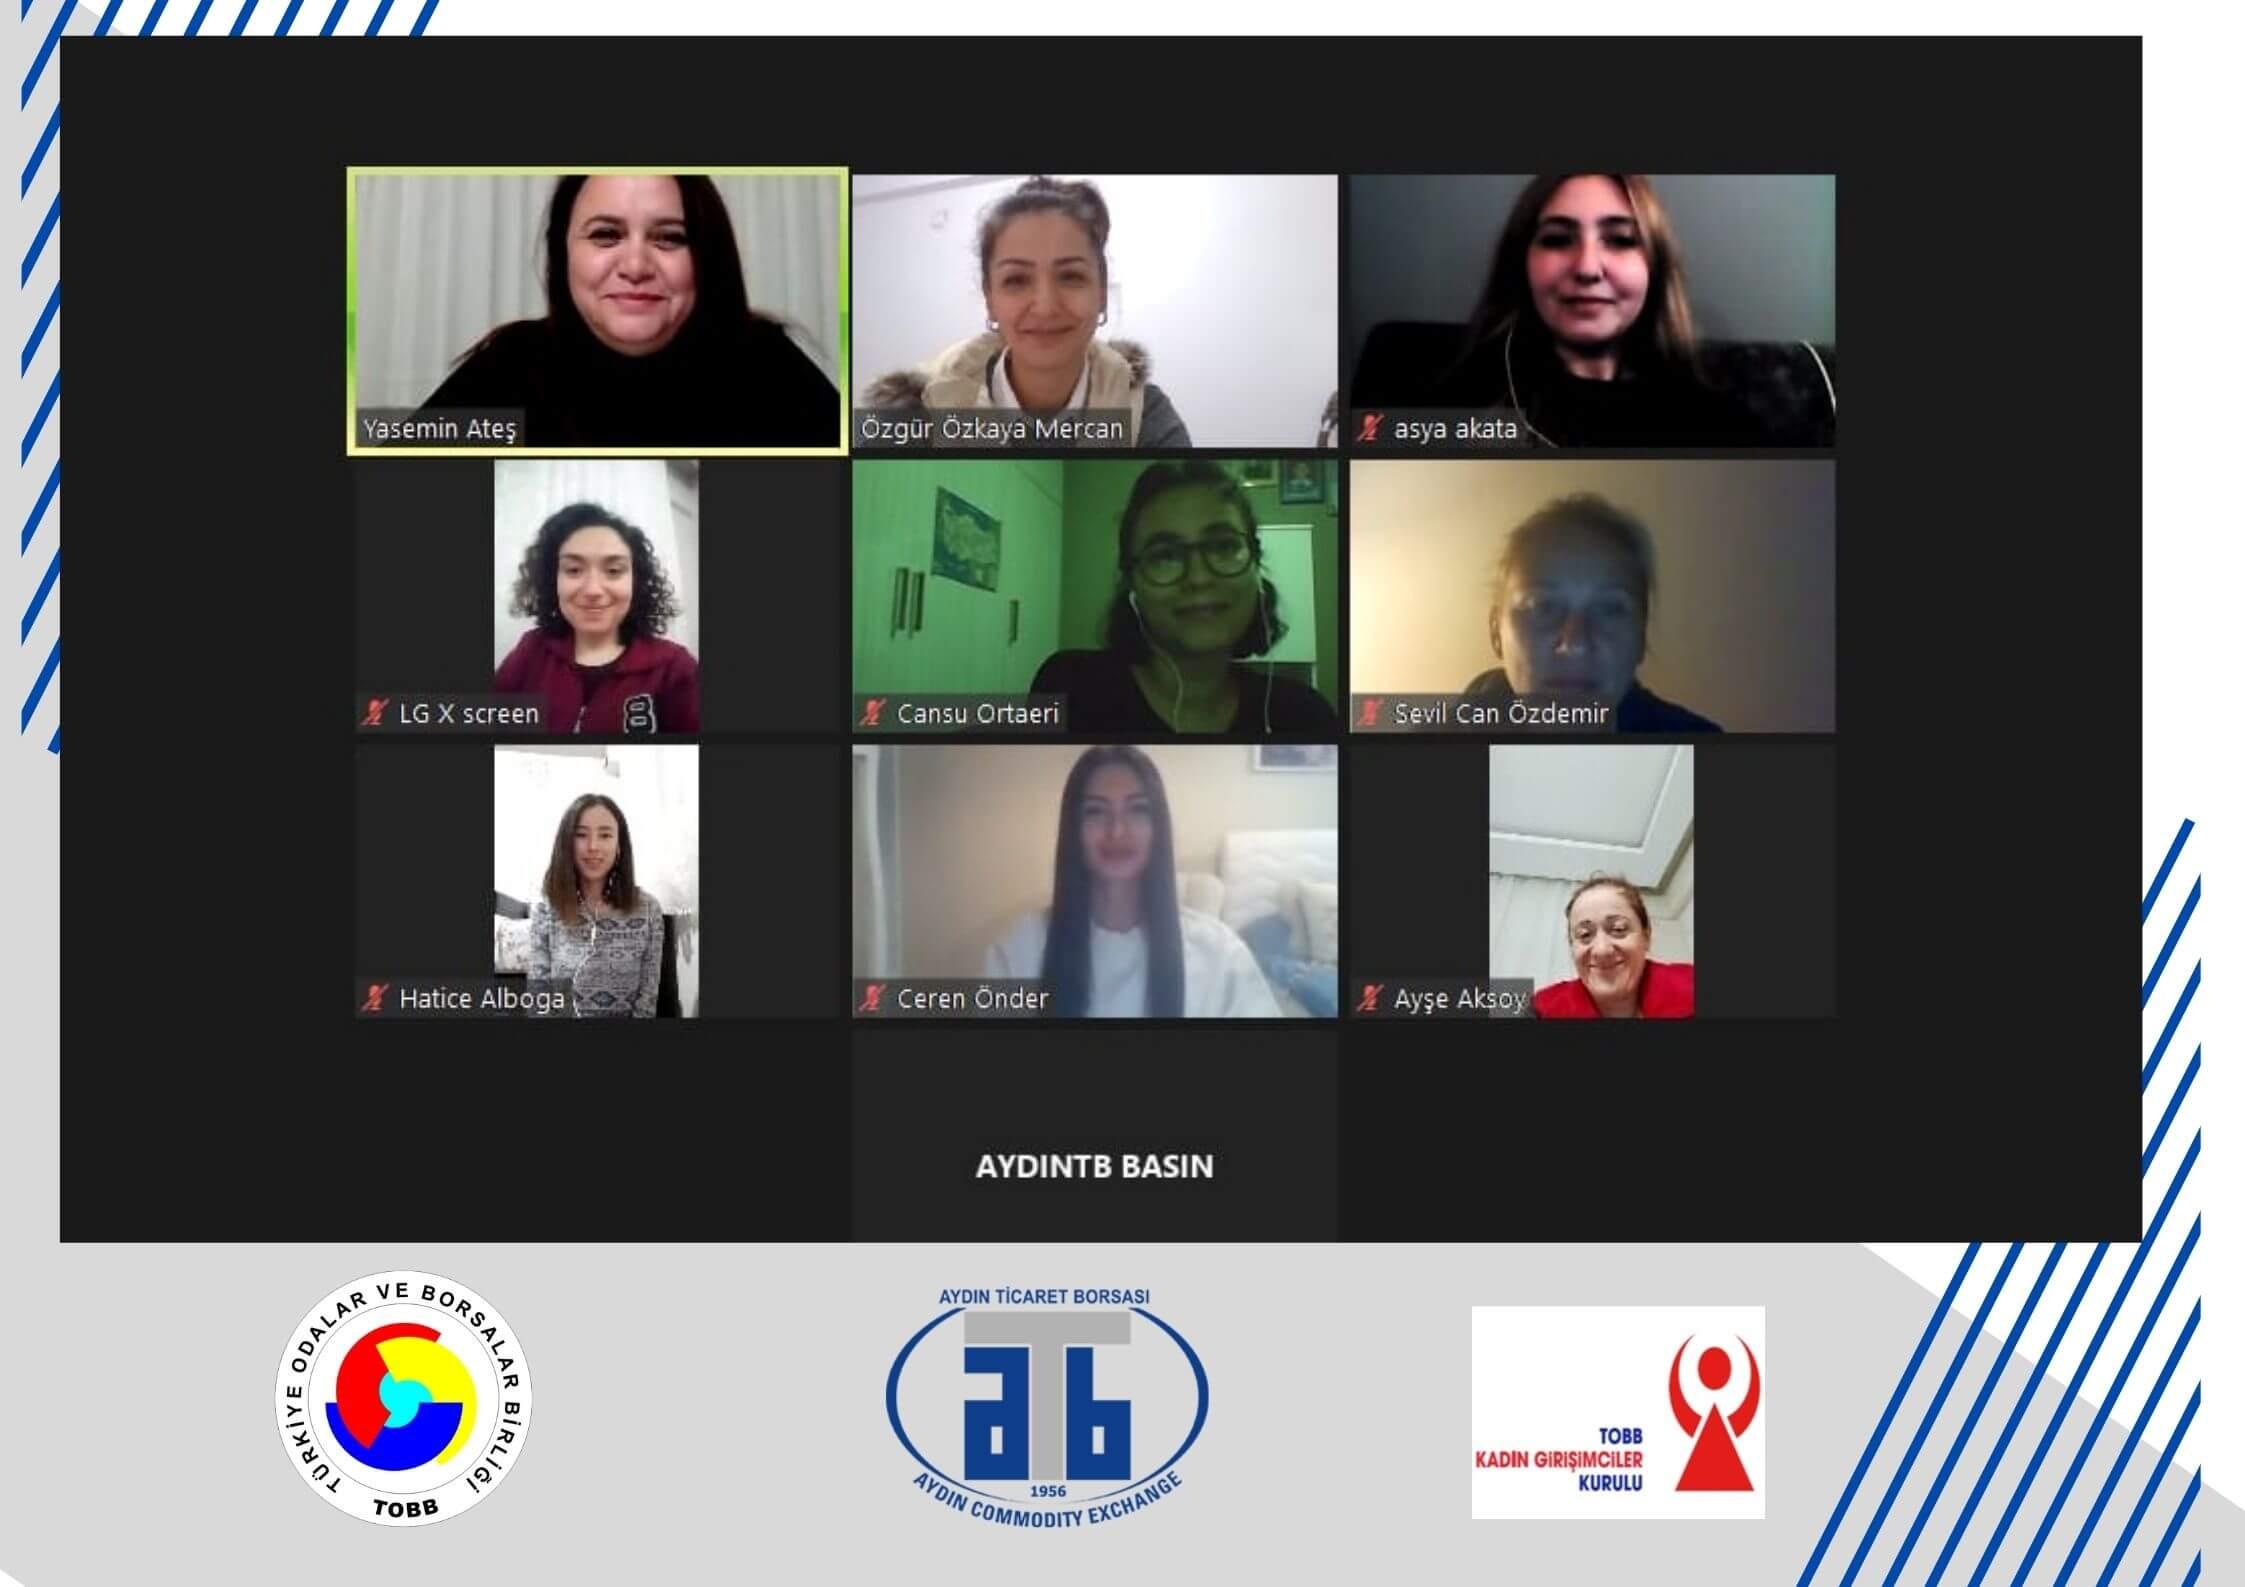 20.04.2021 TOBB Aydın Kadın Girişimciler Kurulu, Çevrimiçi KGK Sertifikalı Eğiticinin Eğitimi Programını Gerçekleştirdi